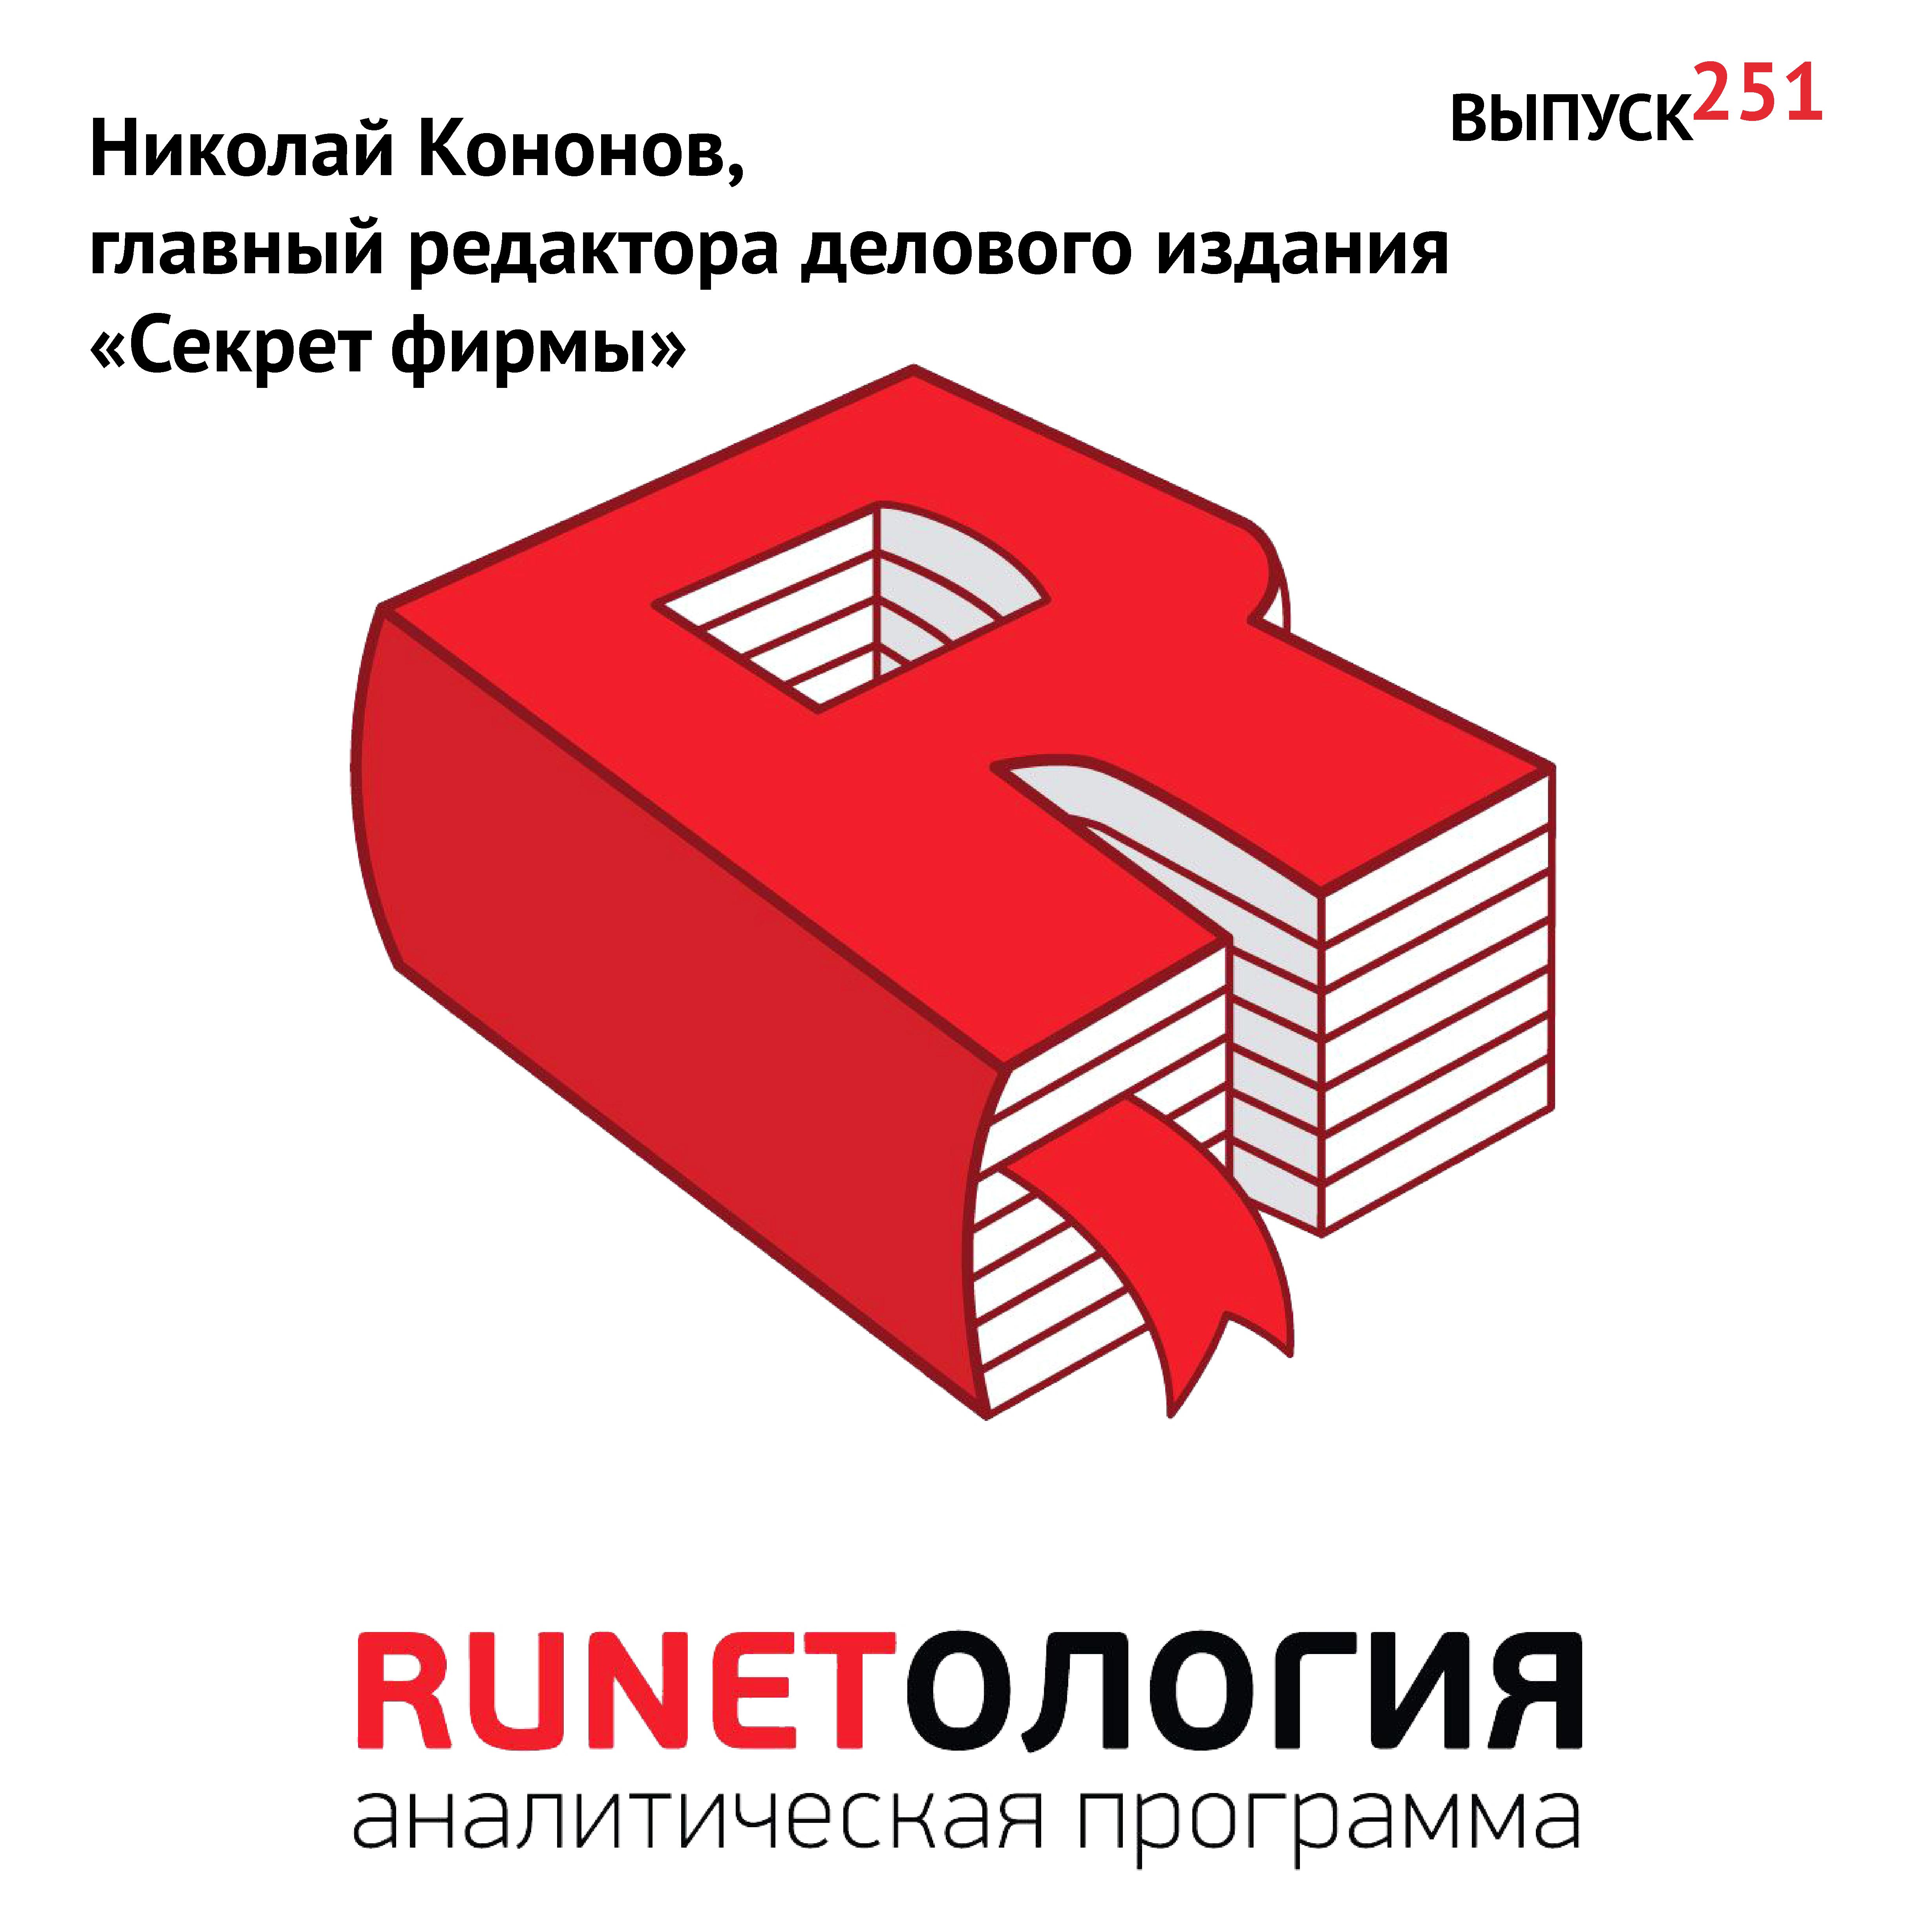 Николай Кононов, главный редактора делового издания «Секрет фирмы»